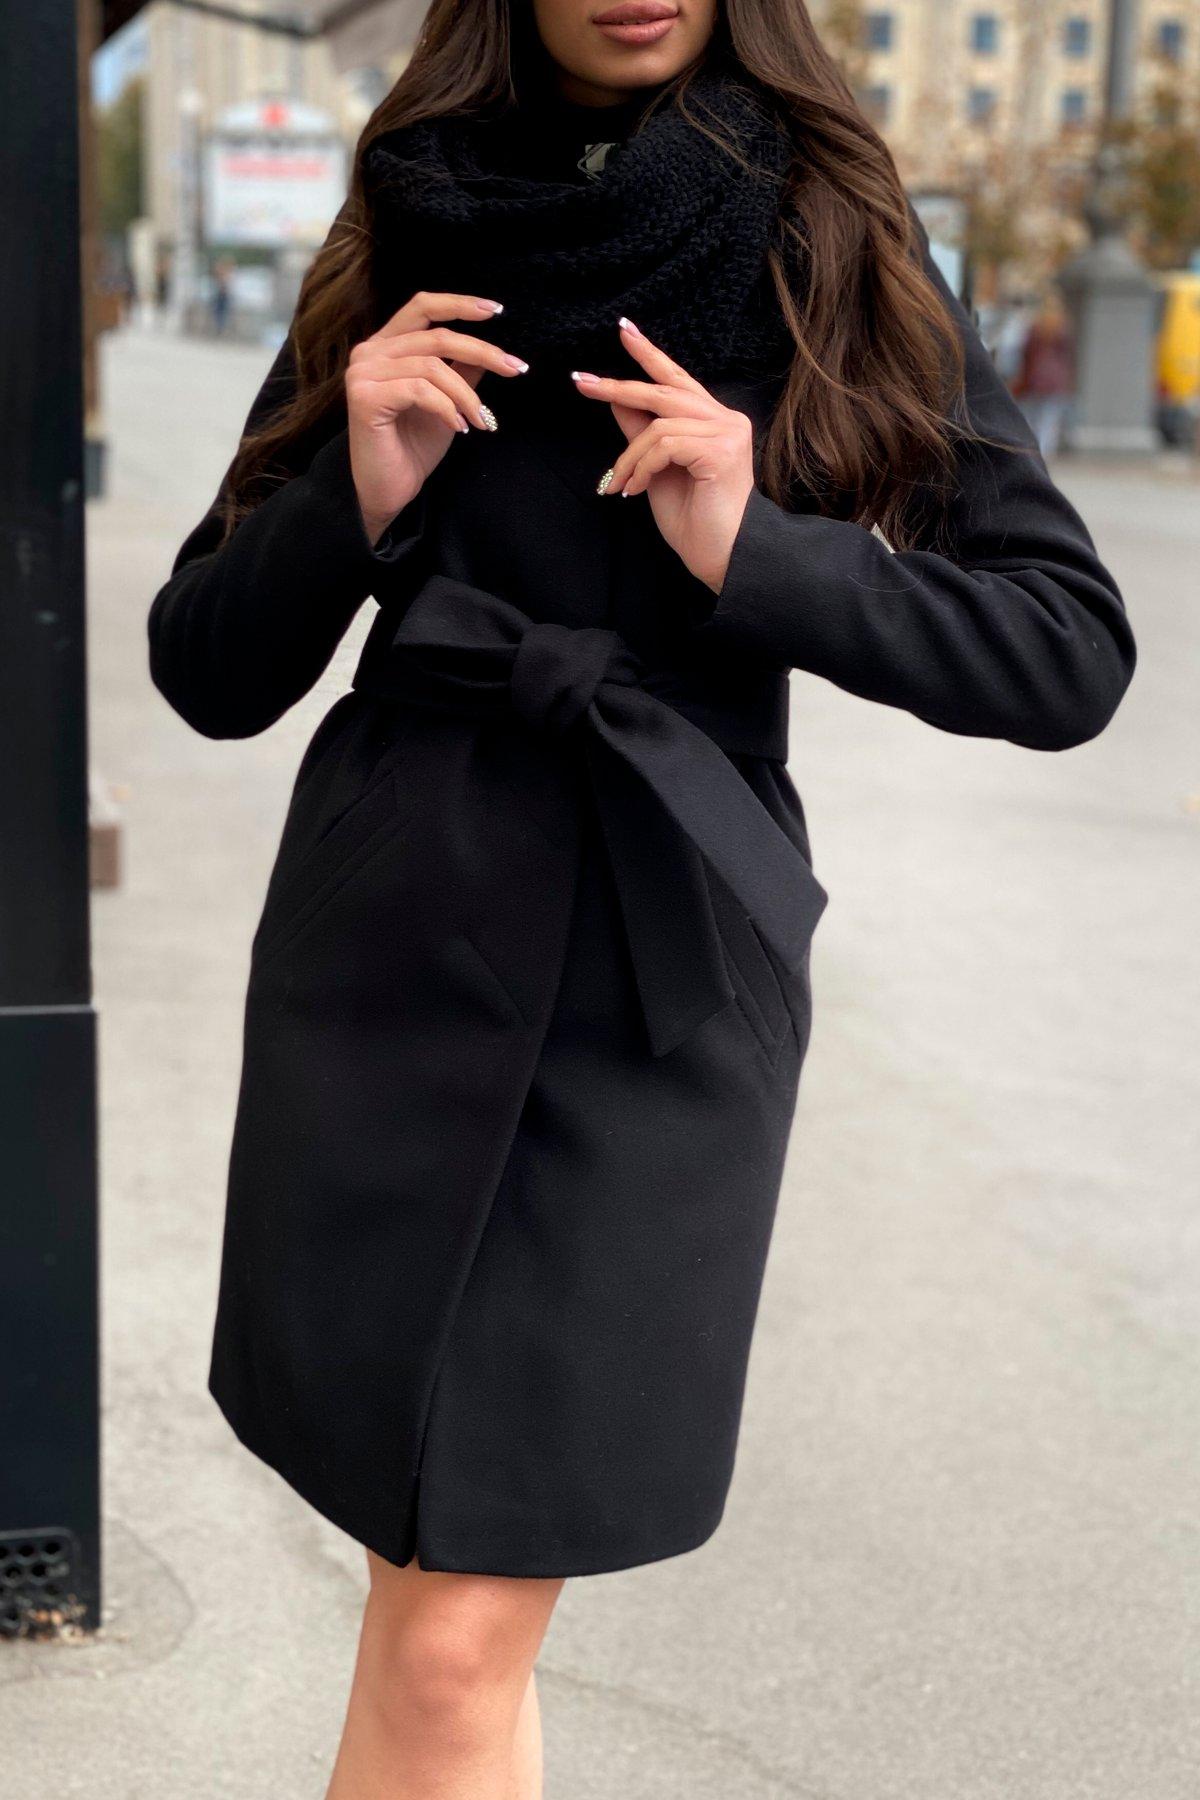 Пальто зима с хомутом Люцея 8211 АРТ. 44225 Цвет: Черный Н-1 - фото 14, интернет магазин tm-modus.ru